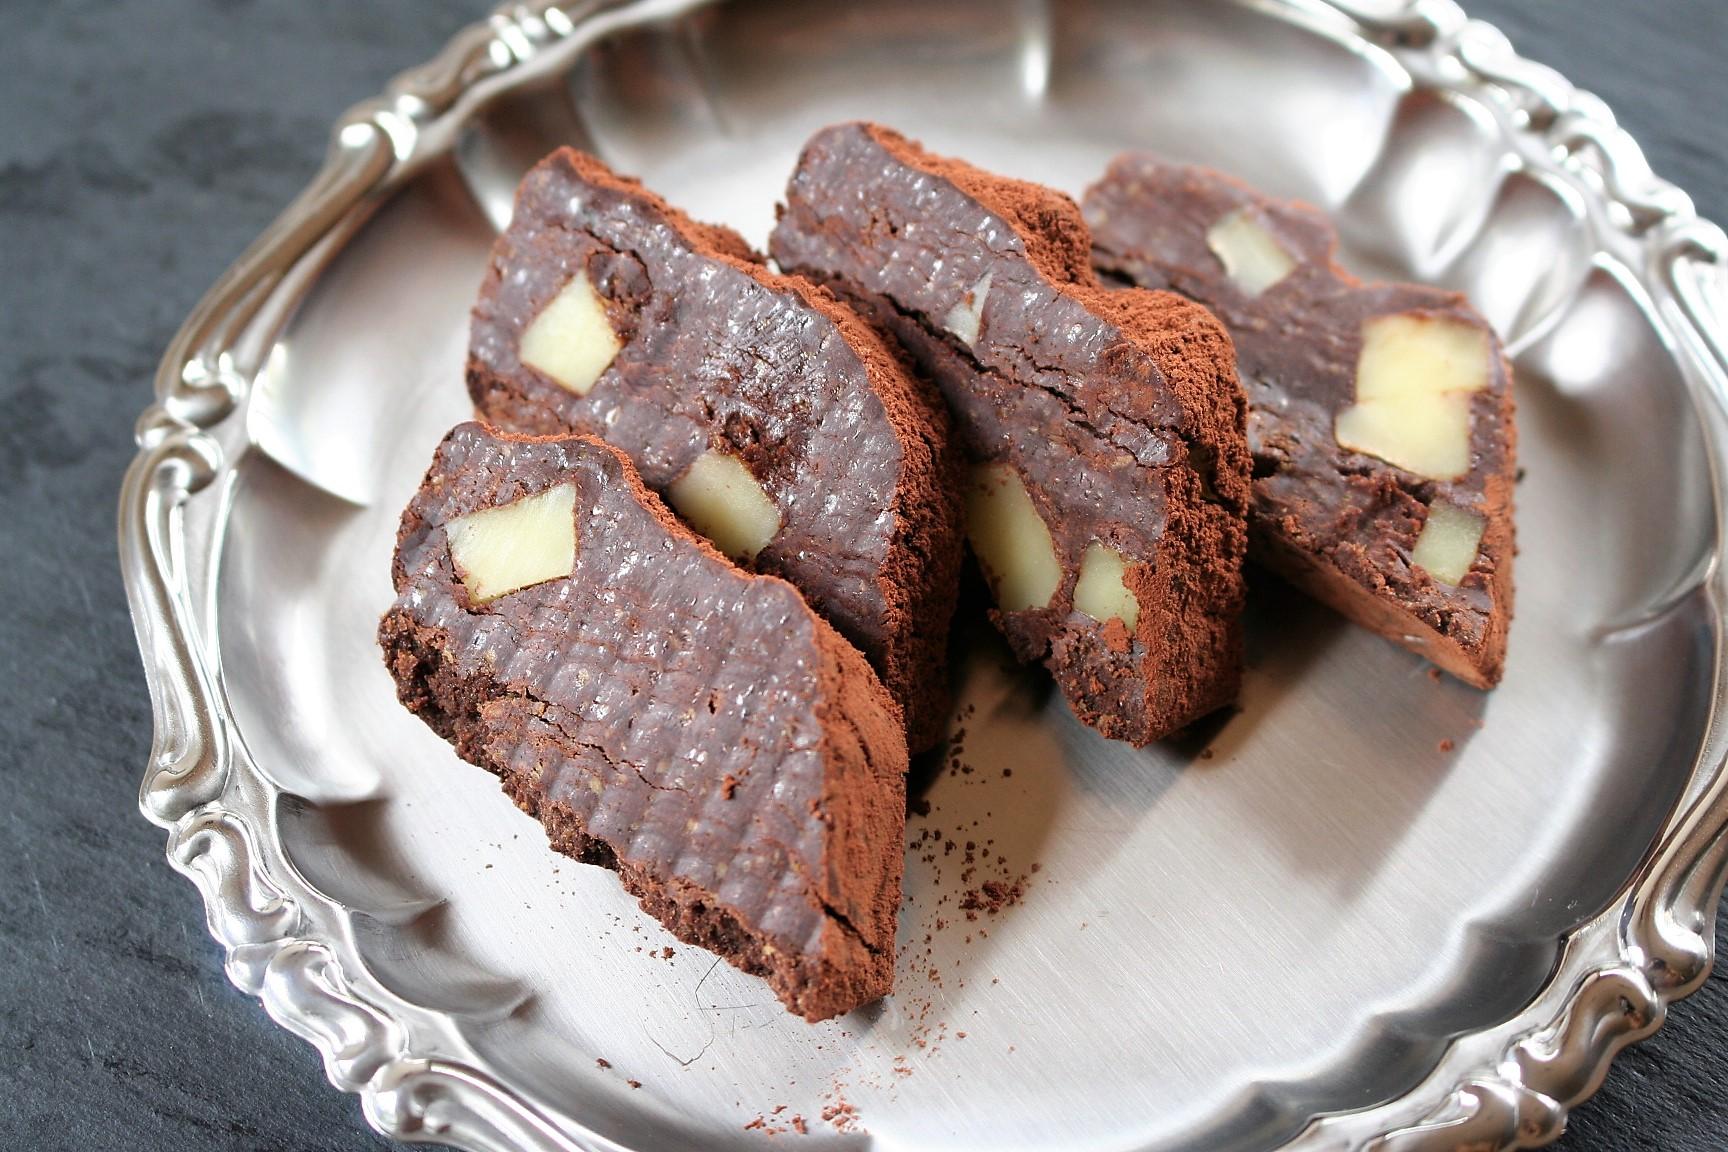 チョコレートが主食